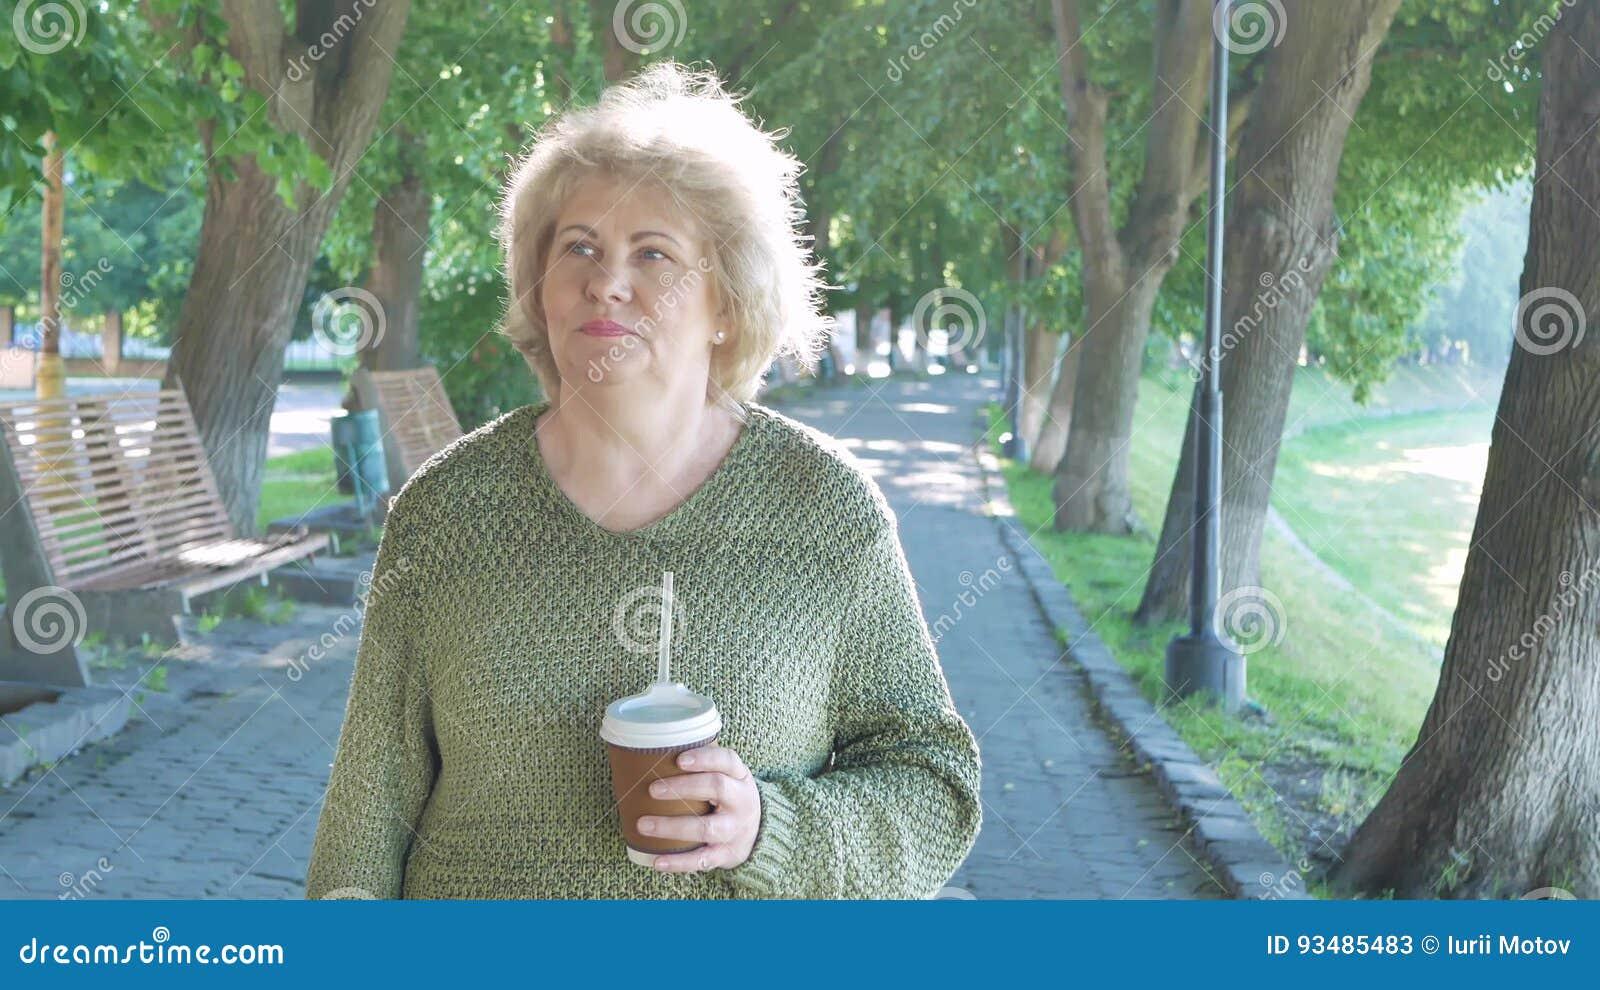 park lane woman